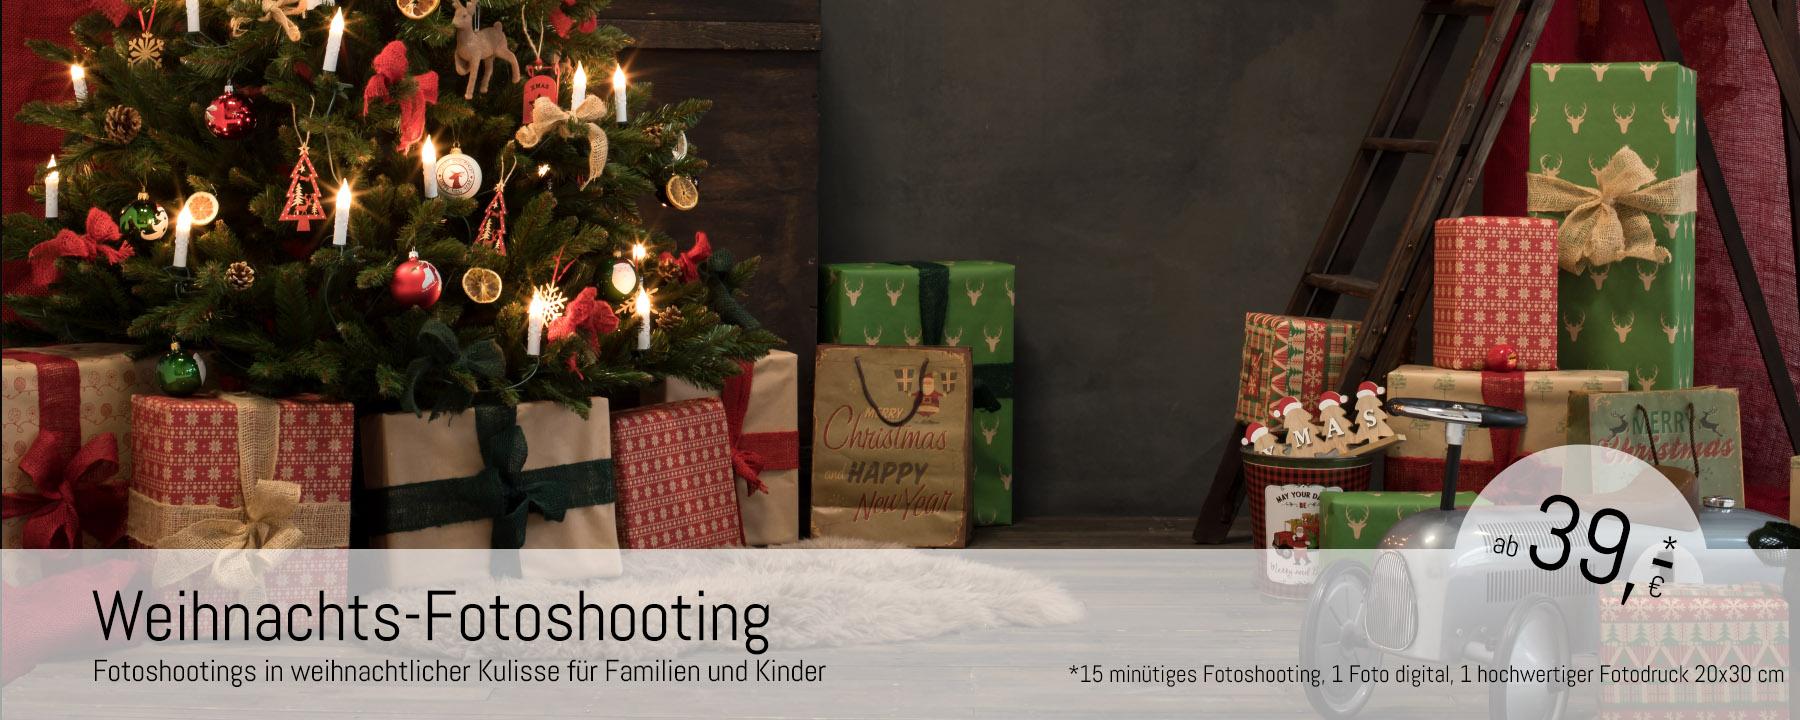 Weihnachtsfotoshooting in Düsseldorf